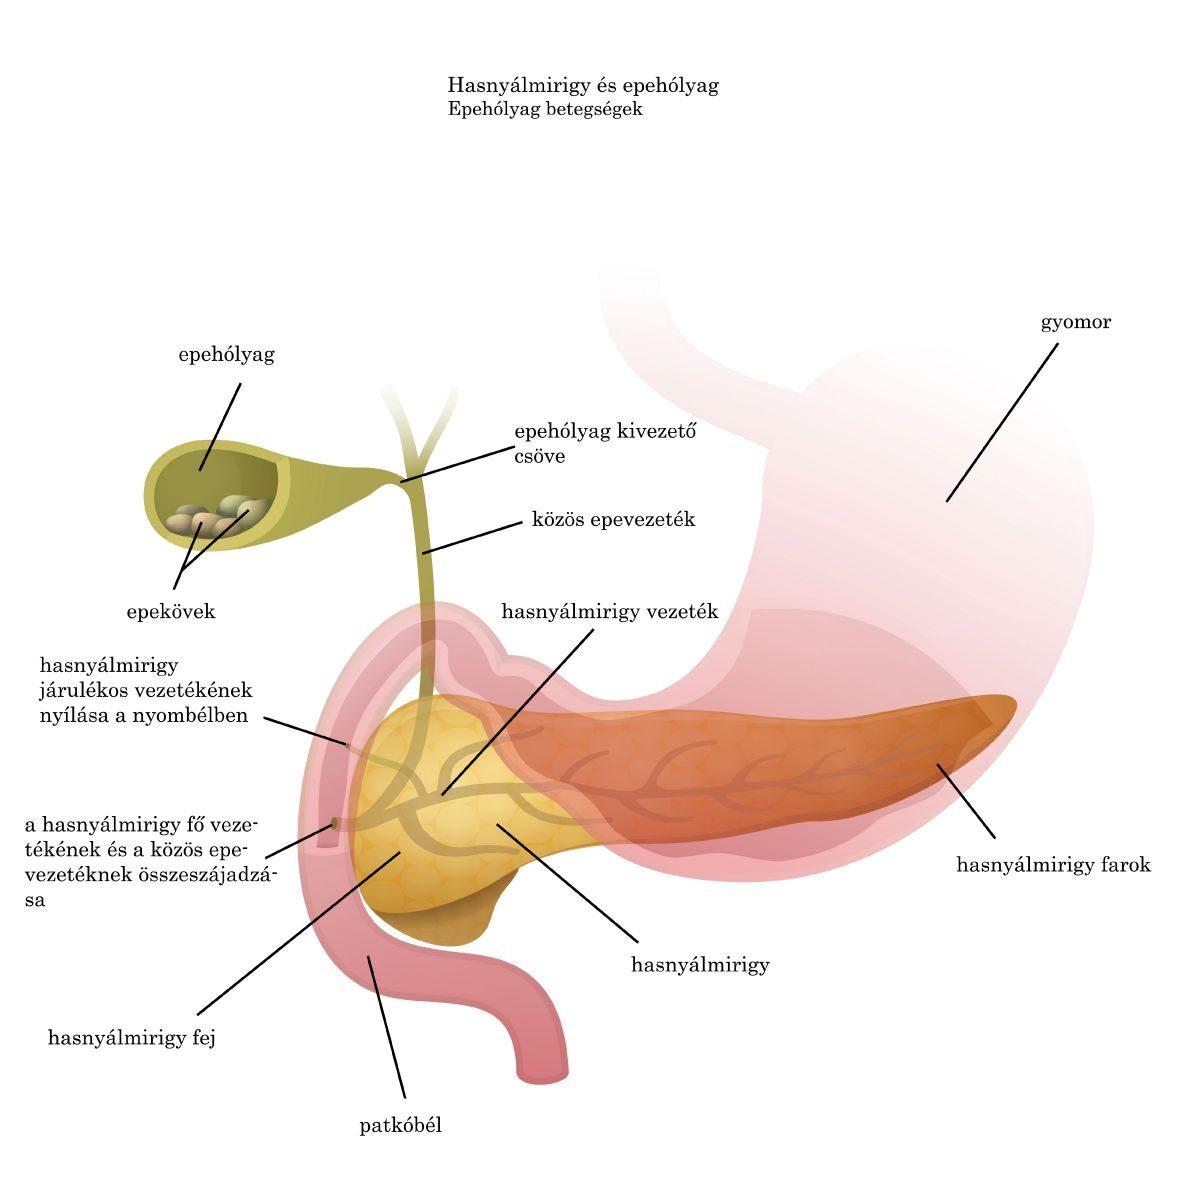 paraziták az epehólyag tüneteinek diagnózisában